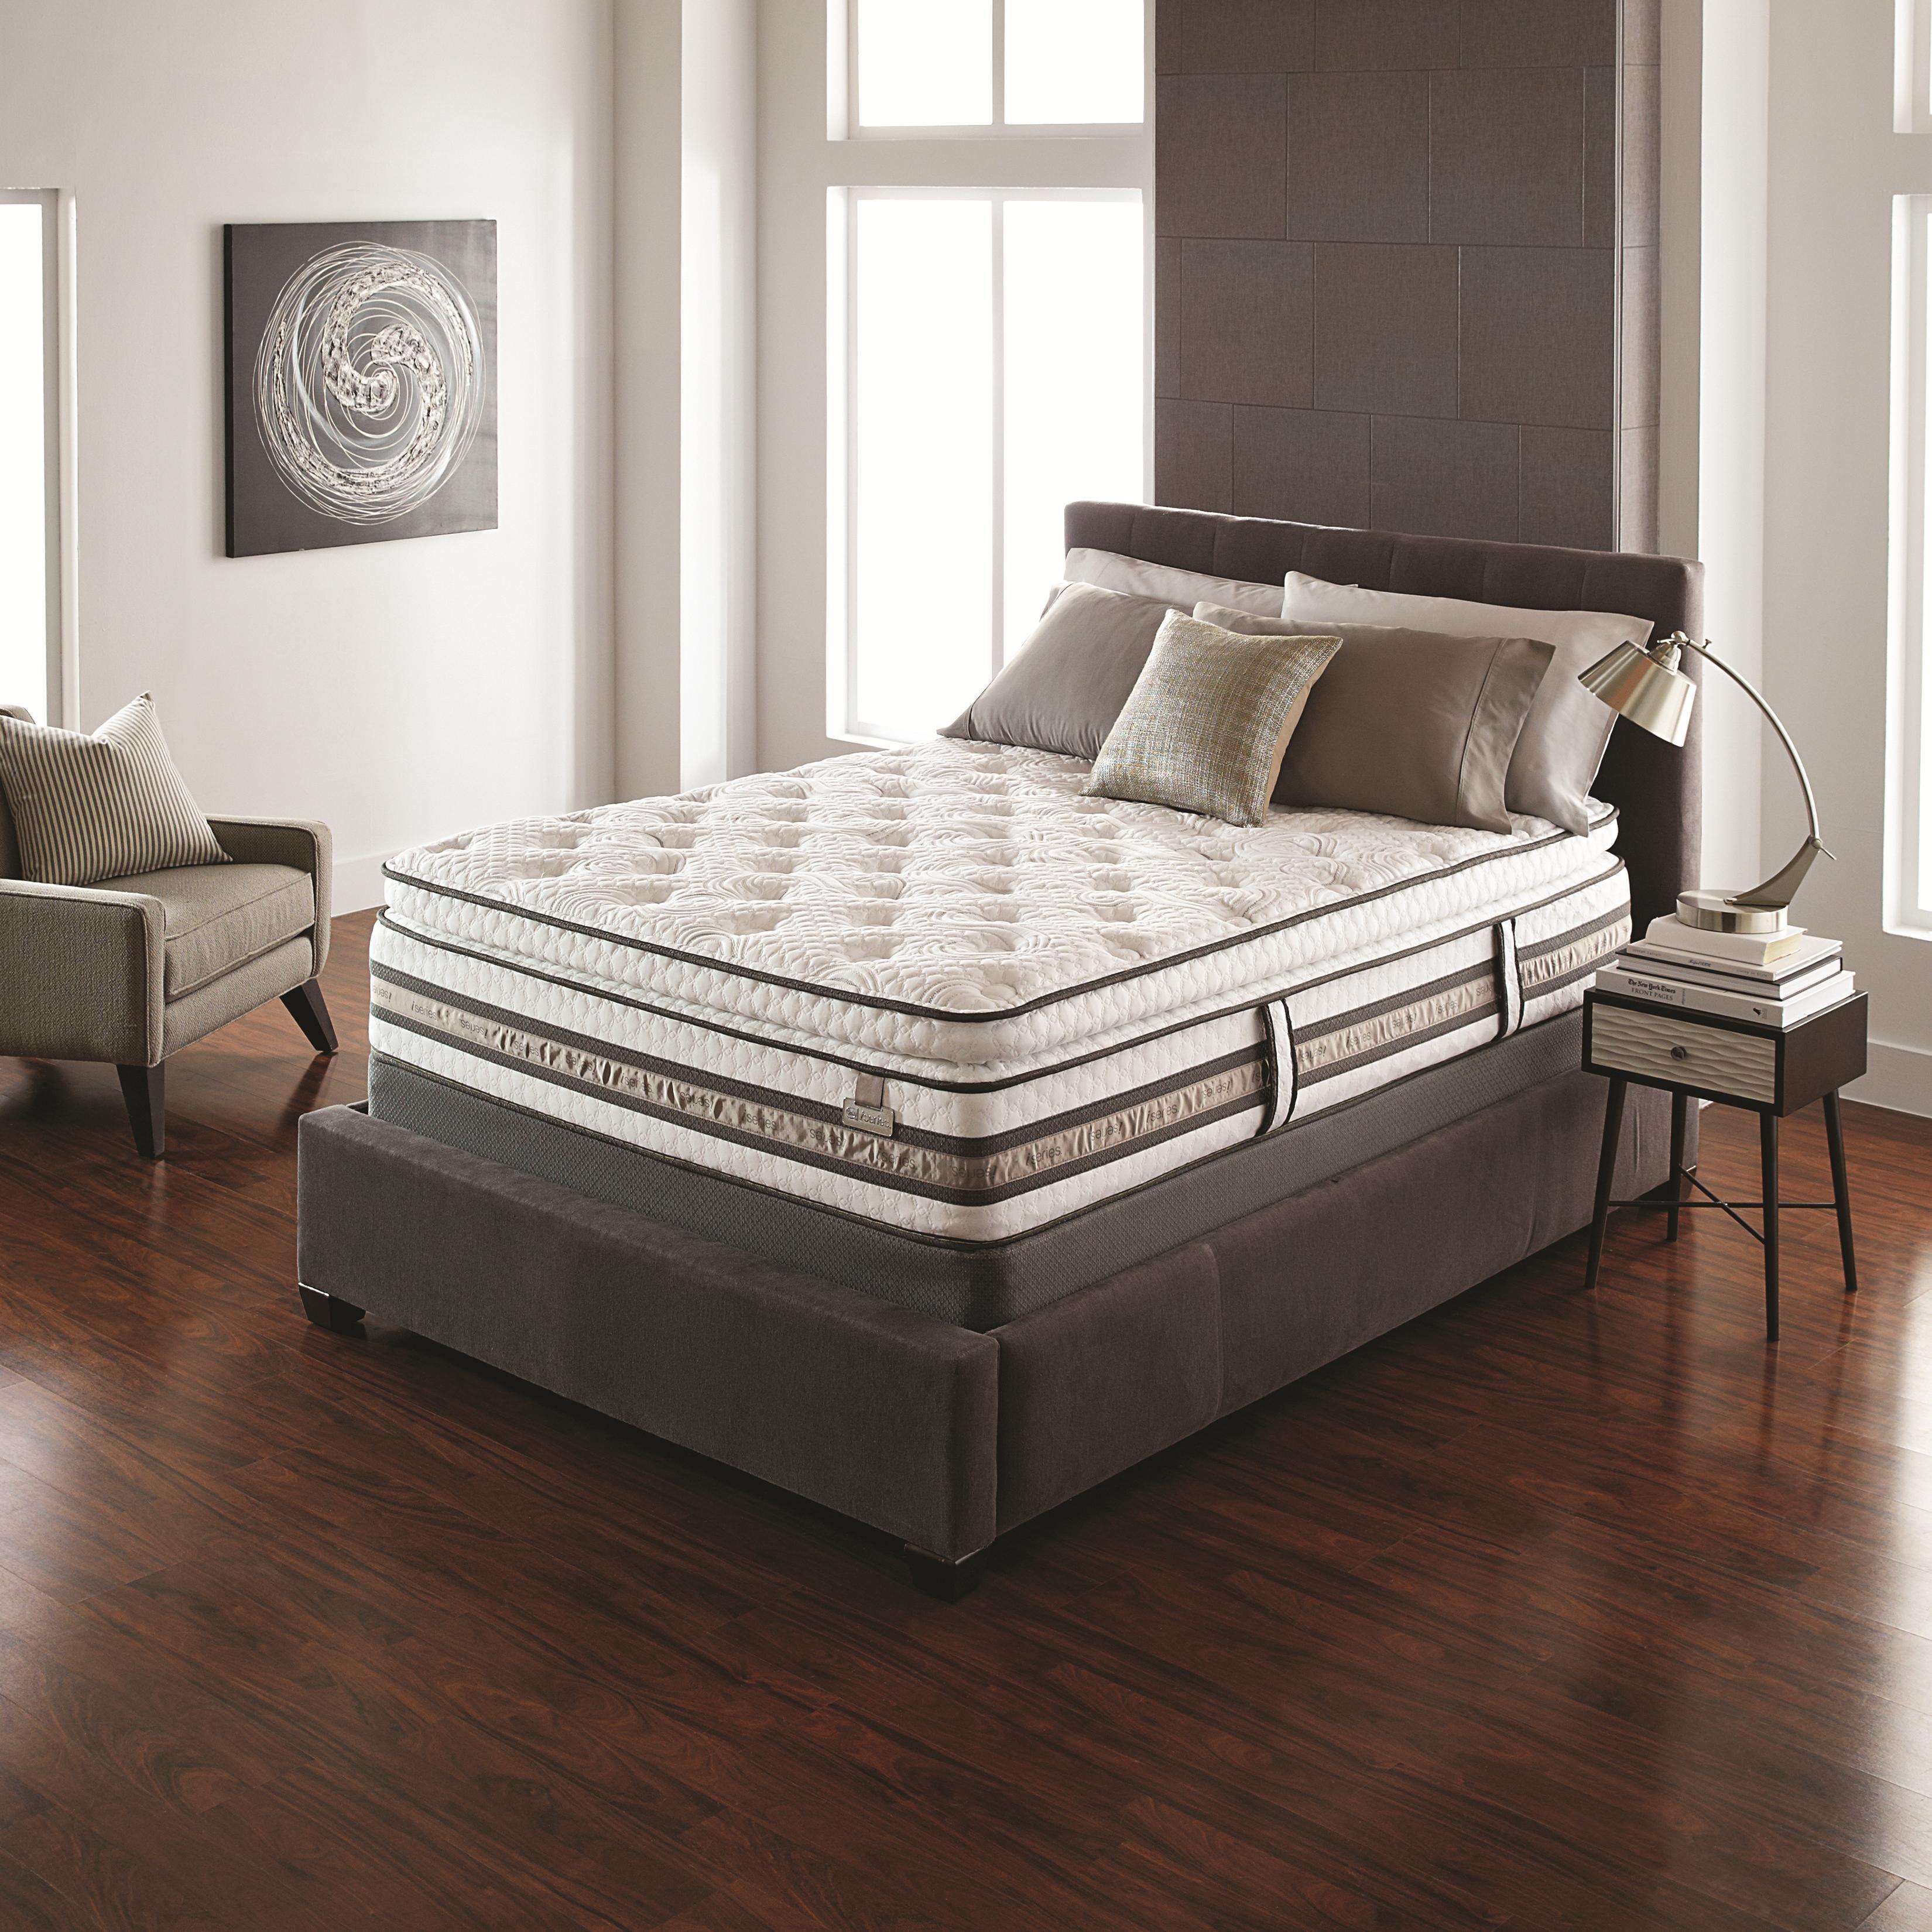 iSeries Merit Queen Super Pillow Top Mattress by Serta